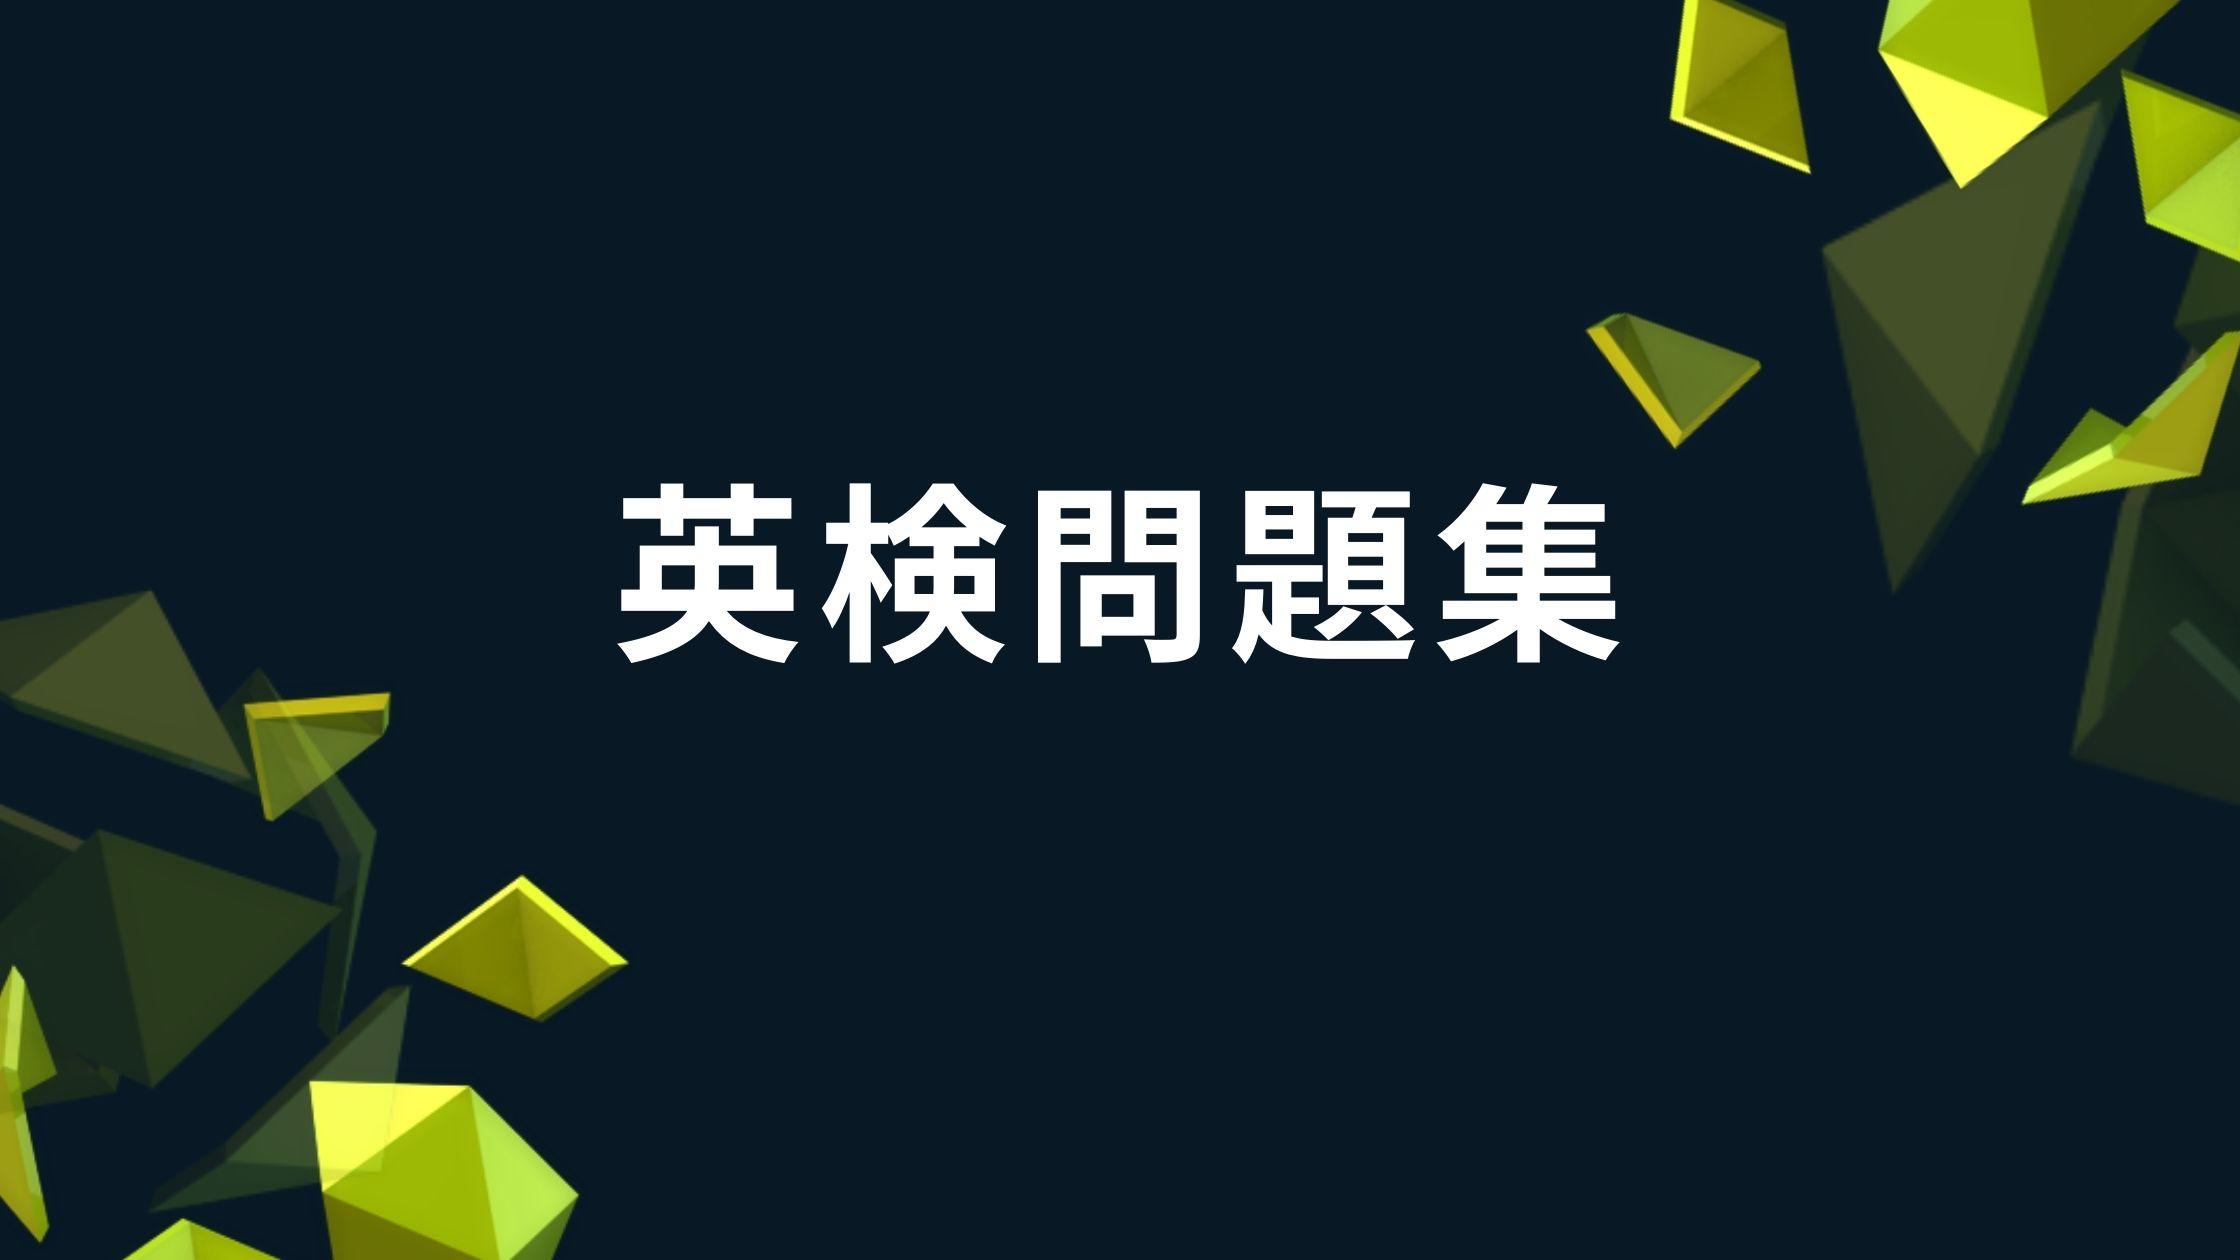 英語勉強アプリ『英検問題集』5級~2級までの重要項目をチェック